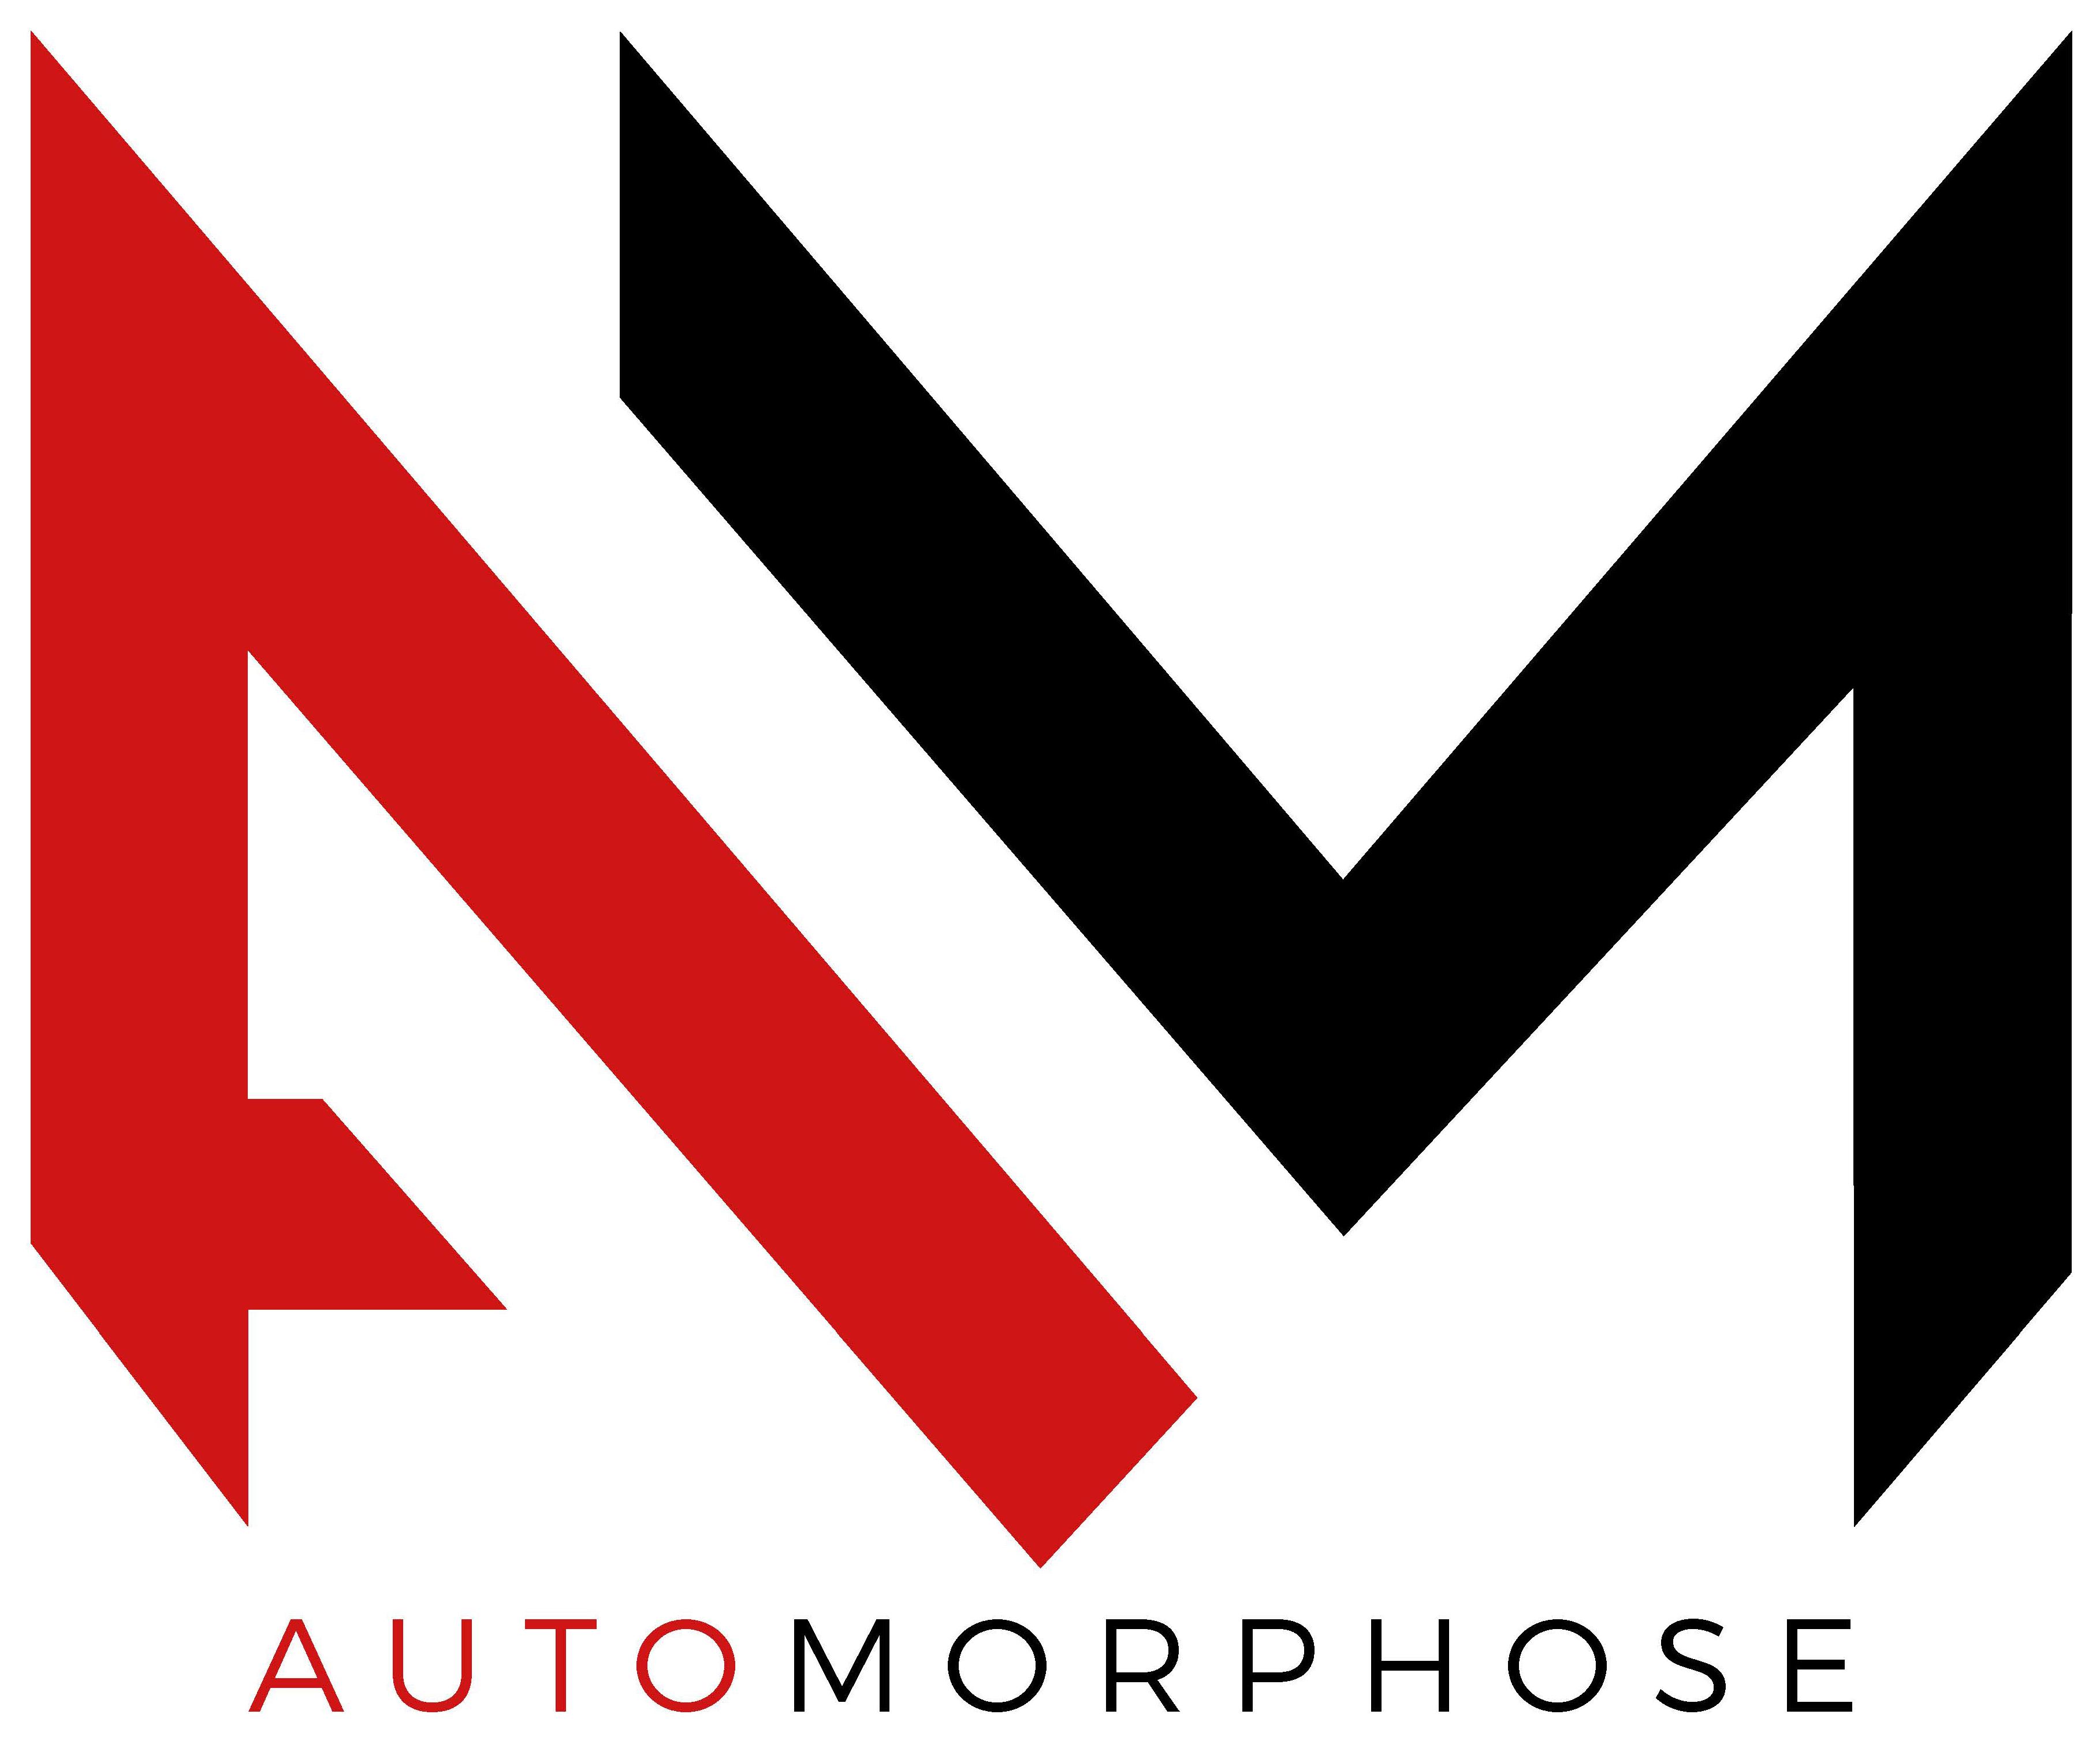 Automorphose